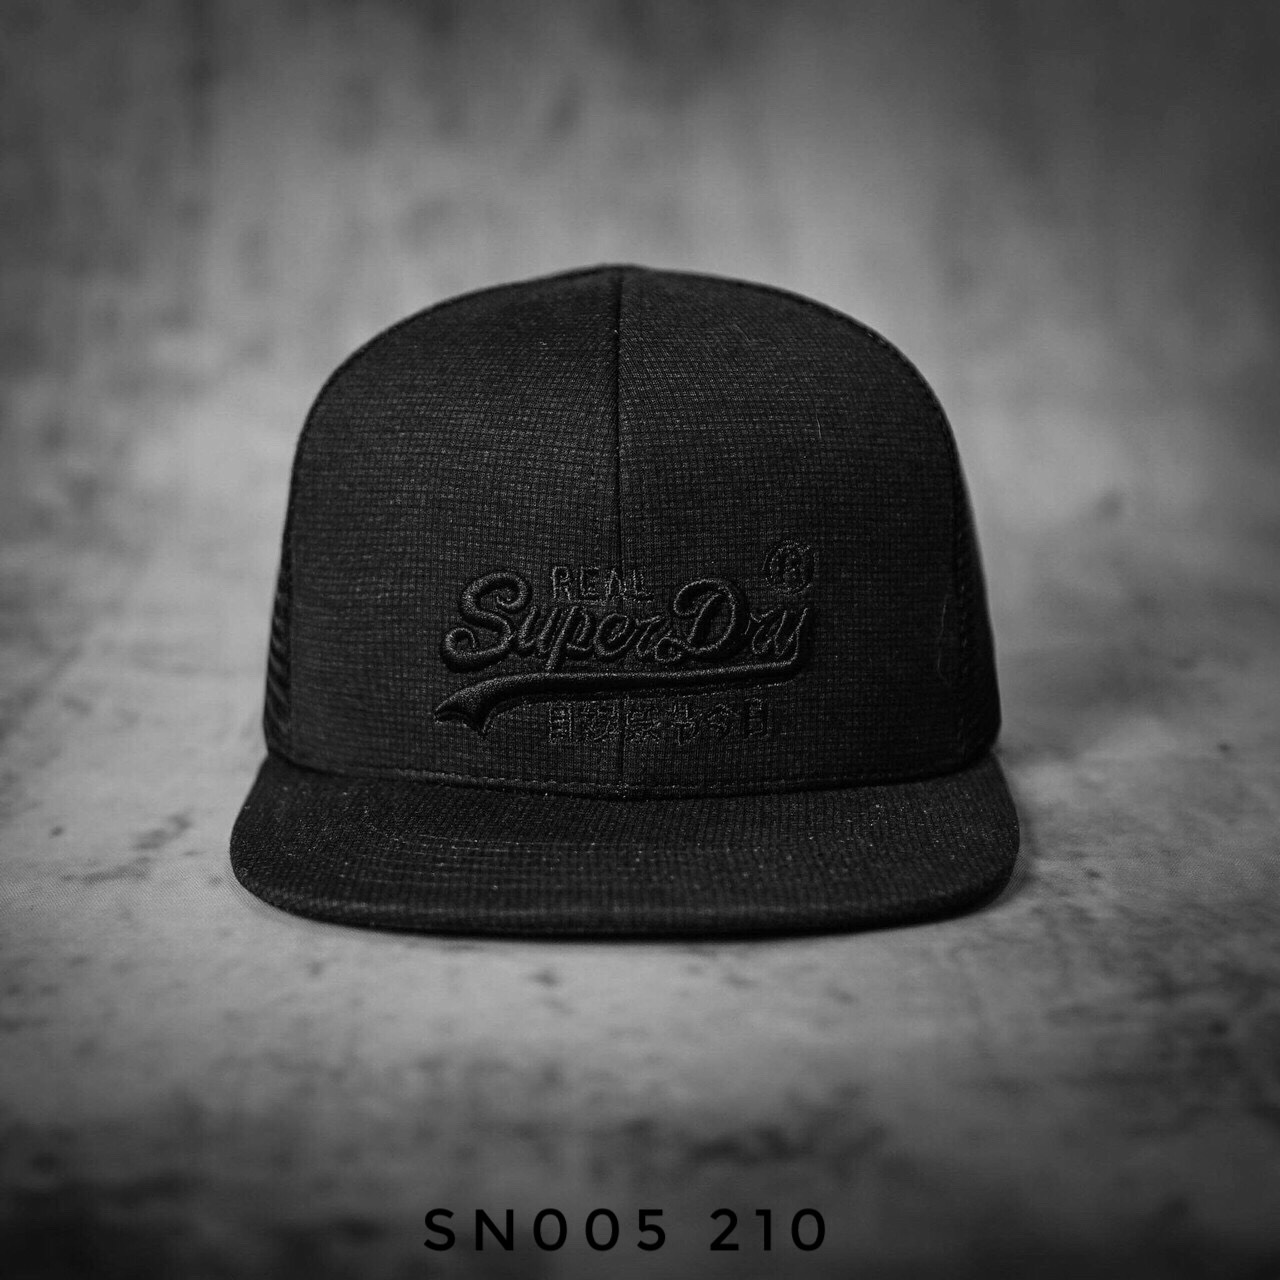 NÓN SN005